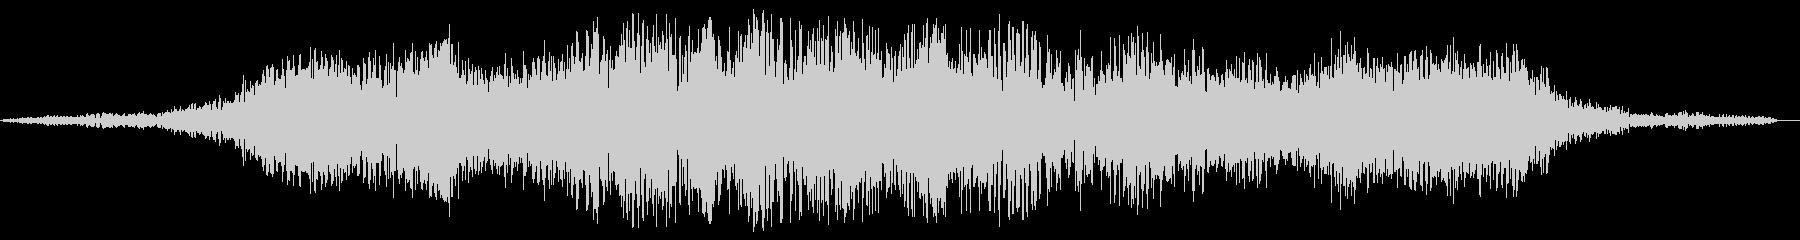 スペース系効果音(やや低め、ウワーン)の未再生の波形